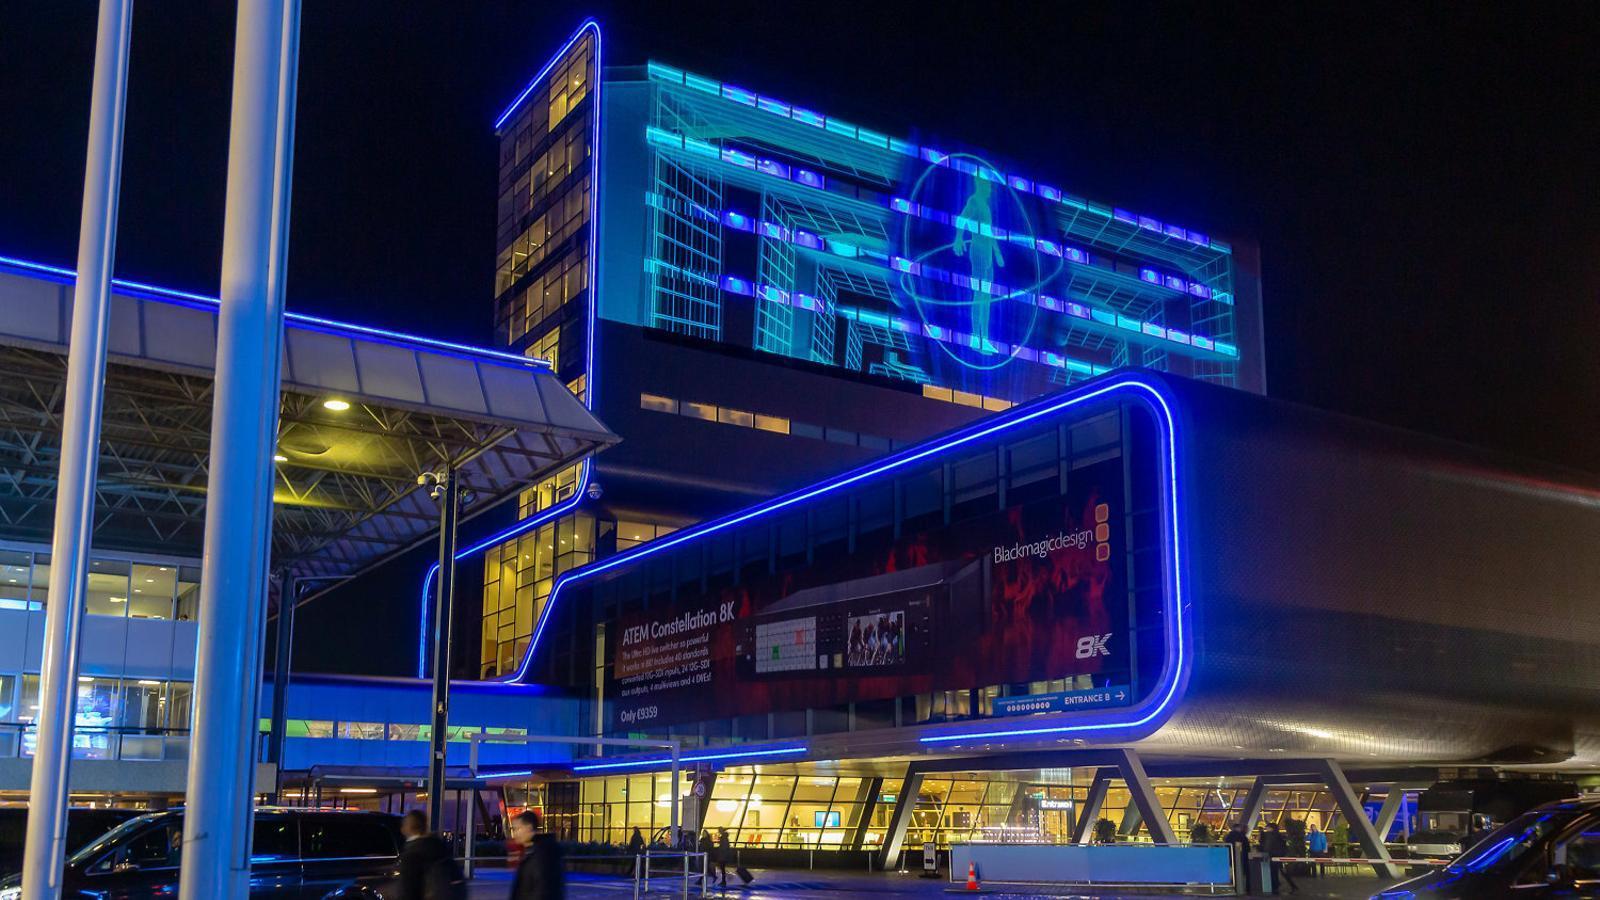 La fira es va celebrar Al centre de convencions RAI d'Amsterdam.